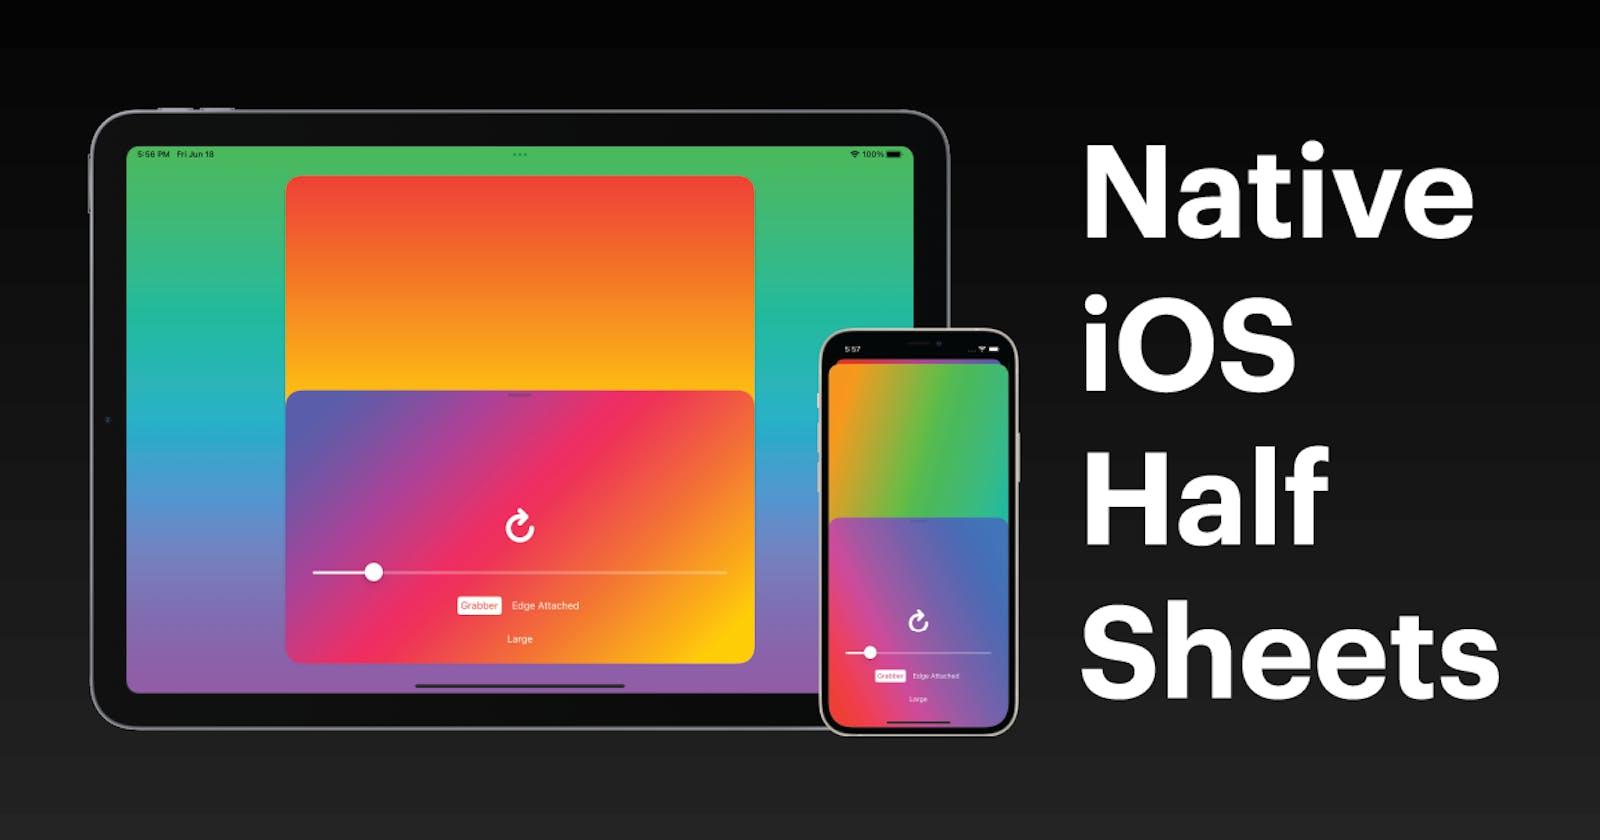 A Look At iOS Native Half Sheets